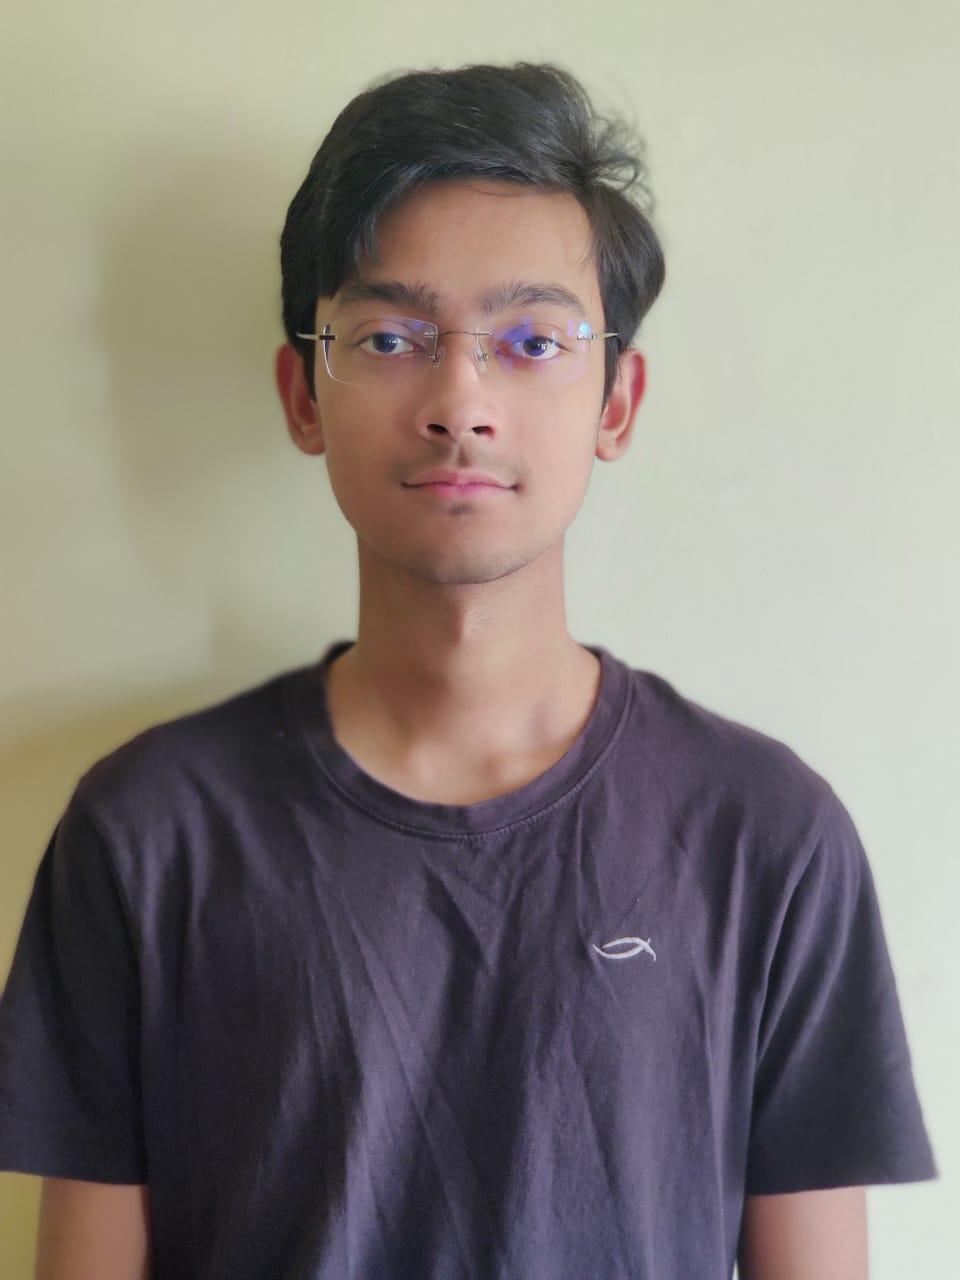 Prityush Chandra